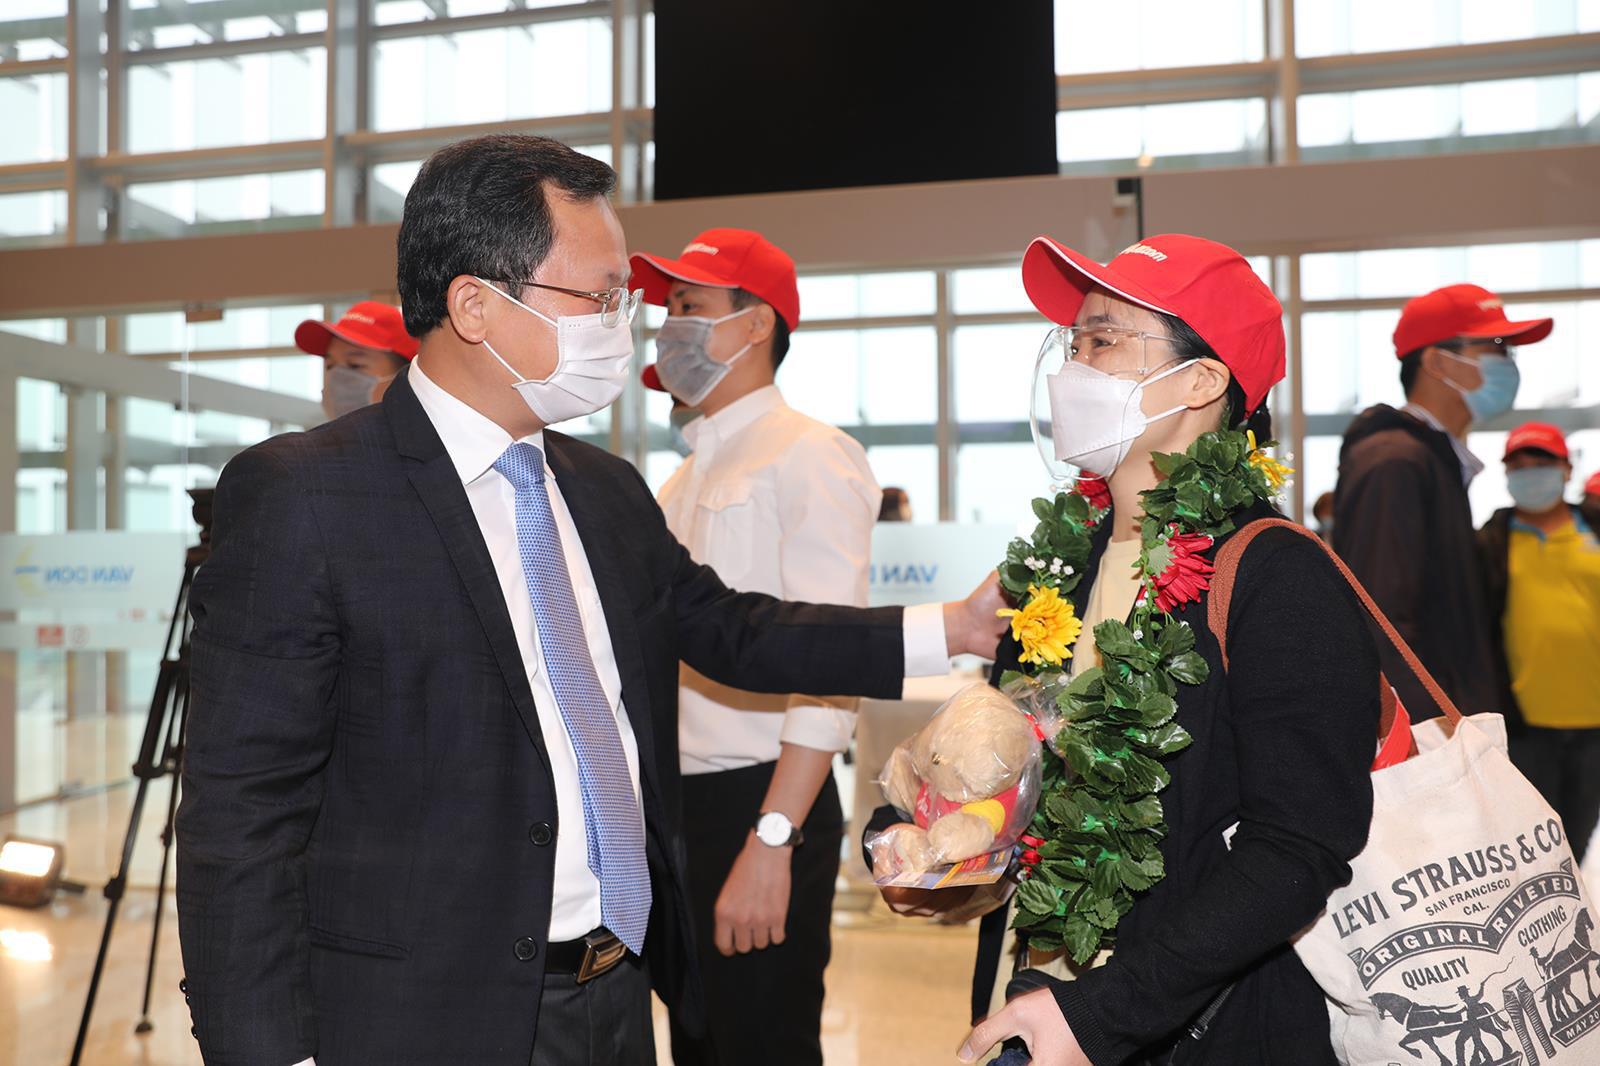 Sân bay Vân Đồn chính thức hoạt động trở lại sau hơn 1 tháng đóng cửa - Ảnh 2.